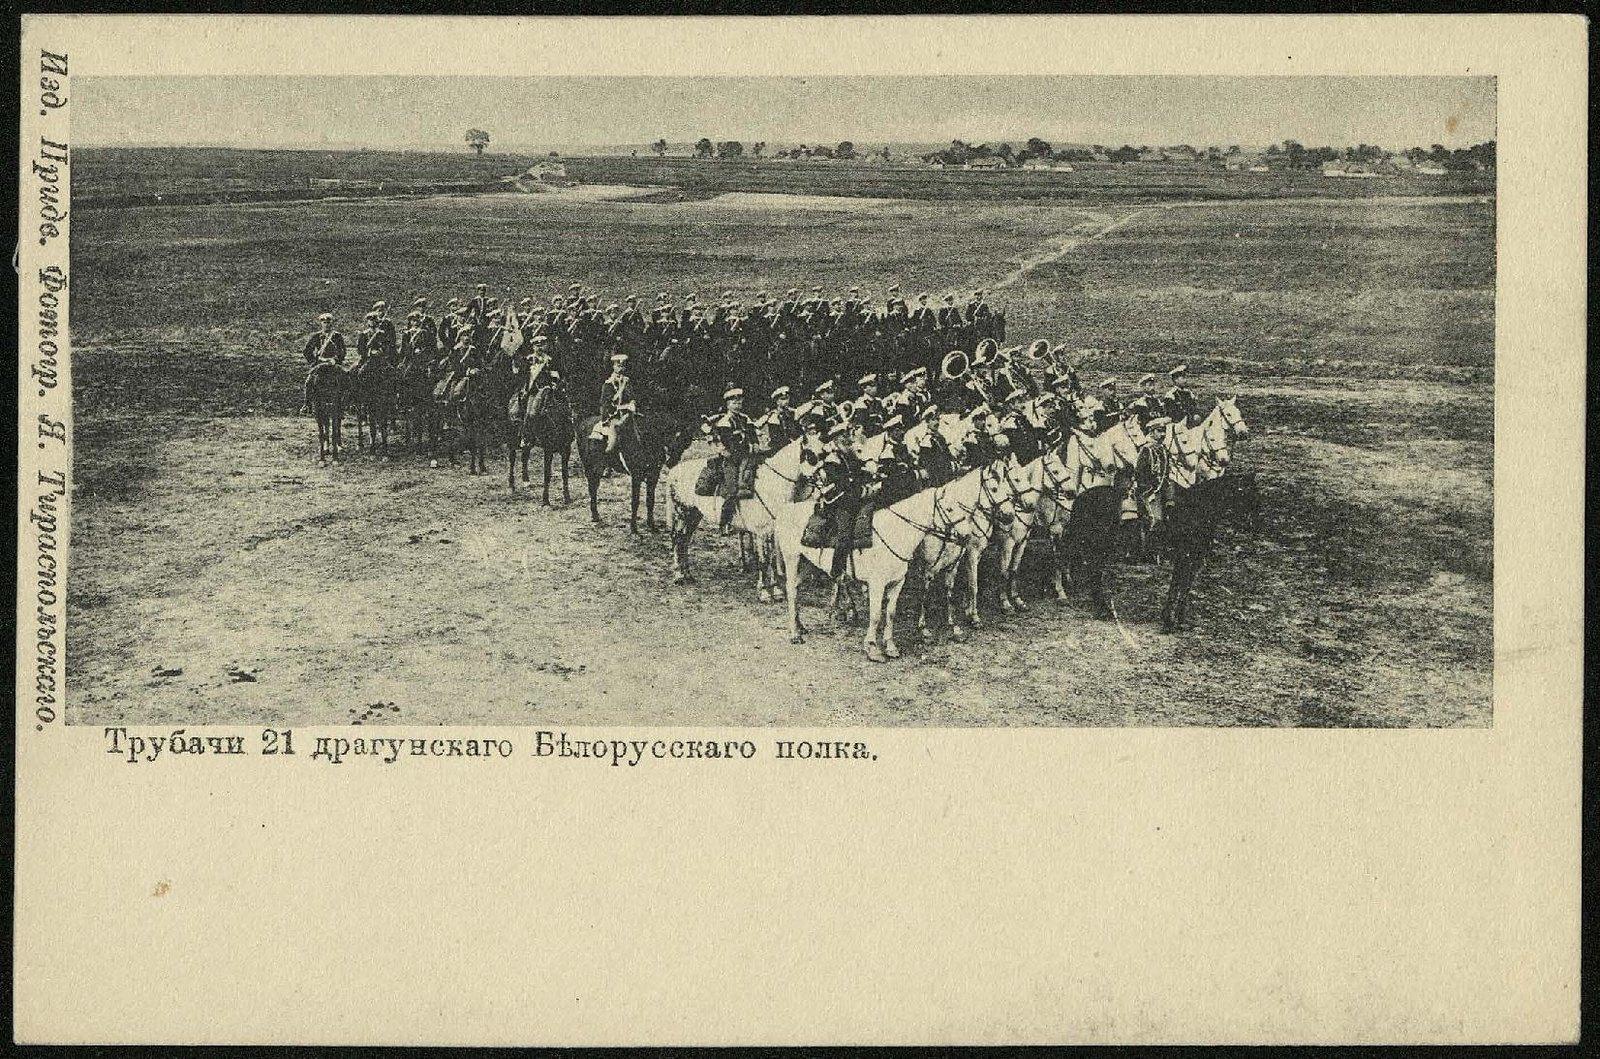 Трубачи 21 драгунского Белорусского полка.